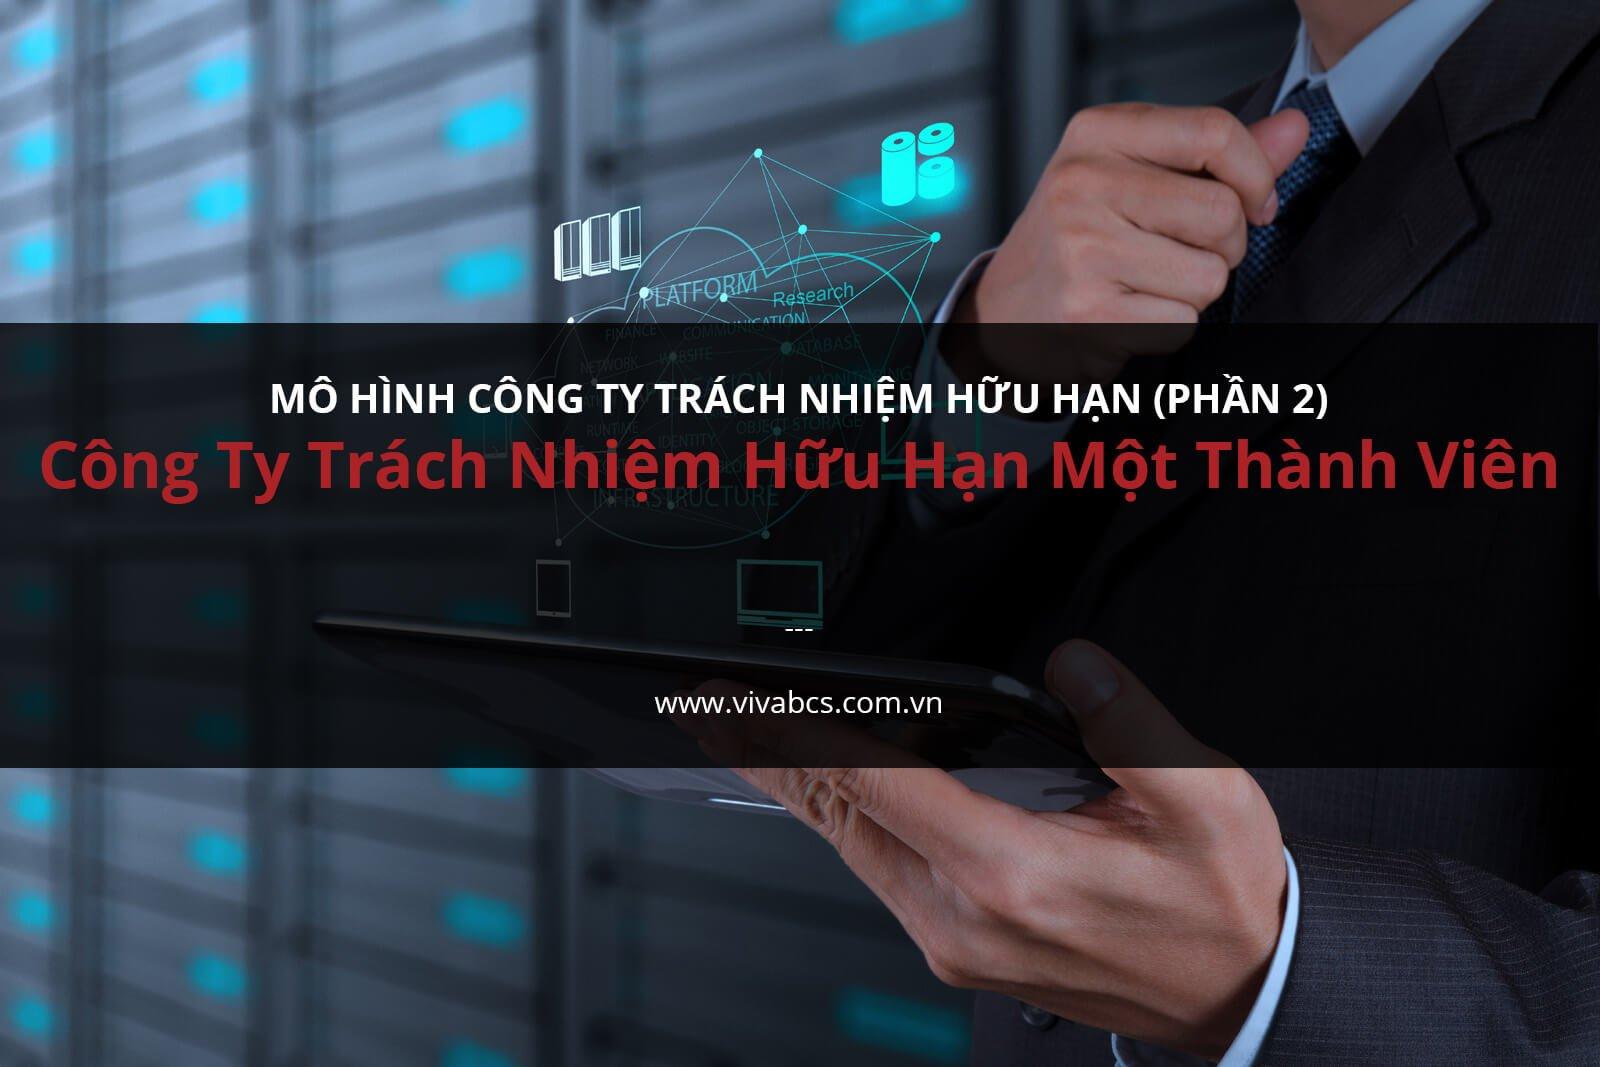 Trách Nhiệm Hữu Hạn Một Thành Viên - Mô Hình Công Ty Ở Việt Nam